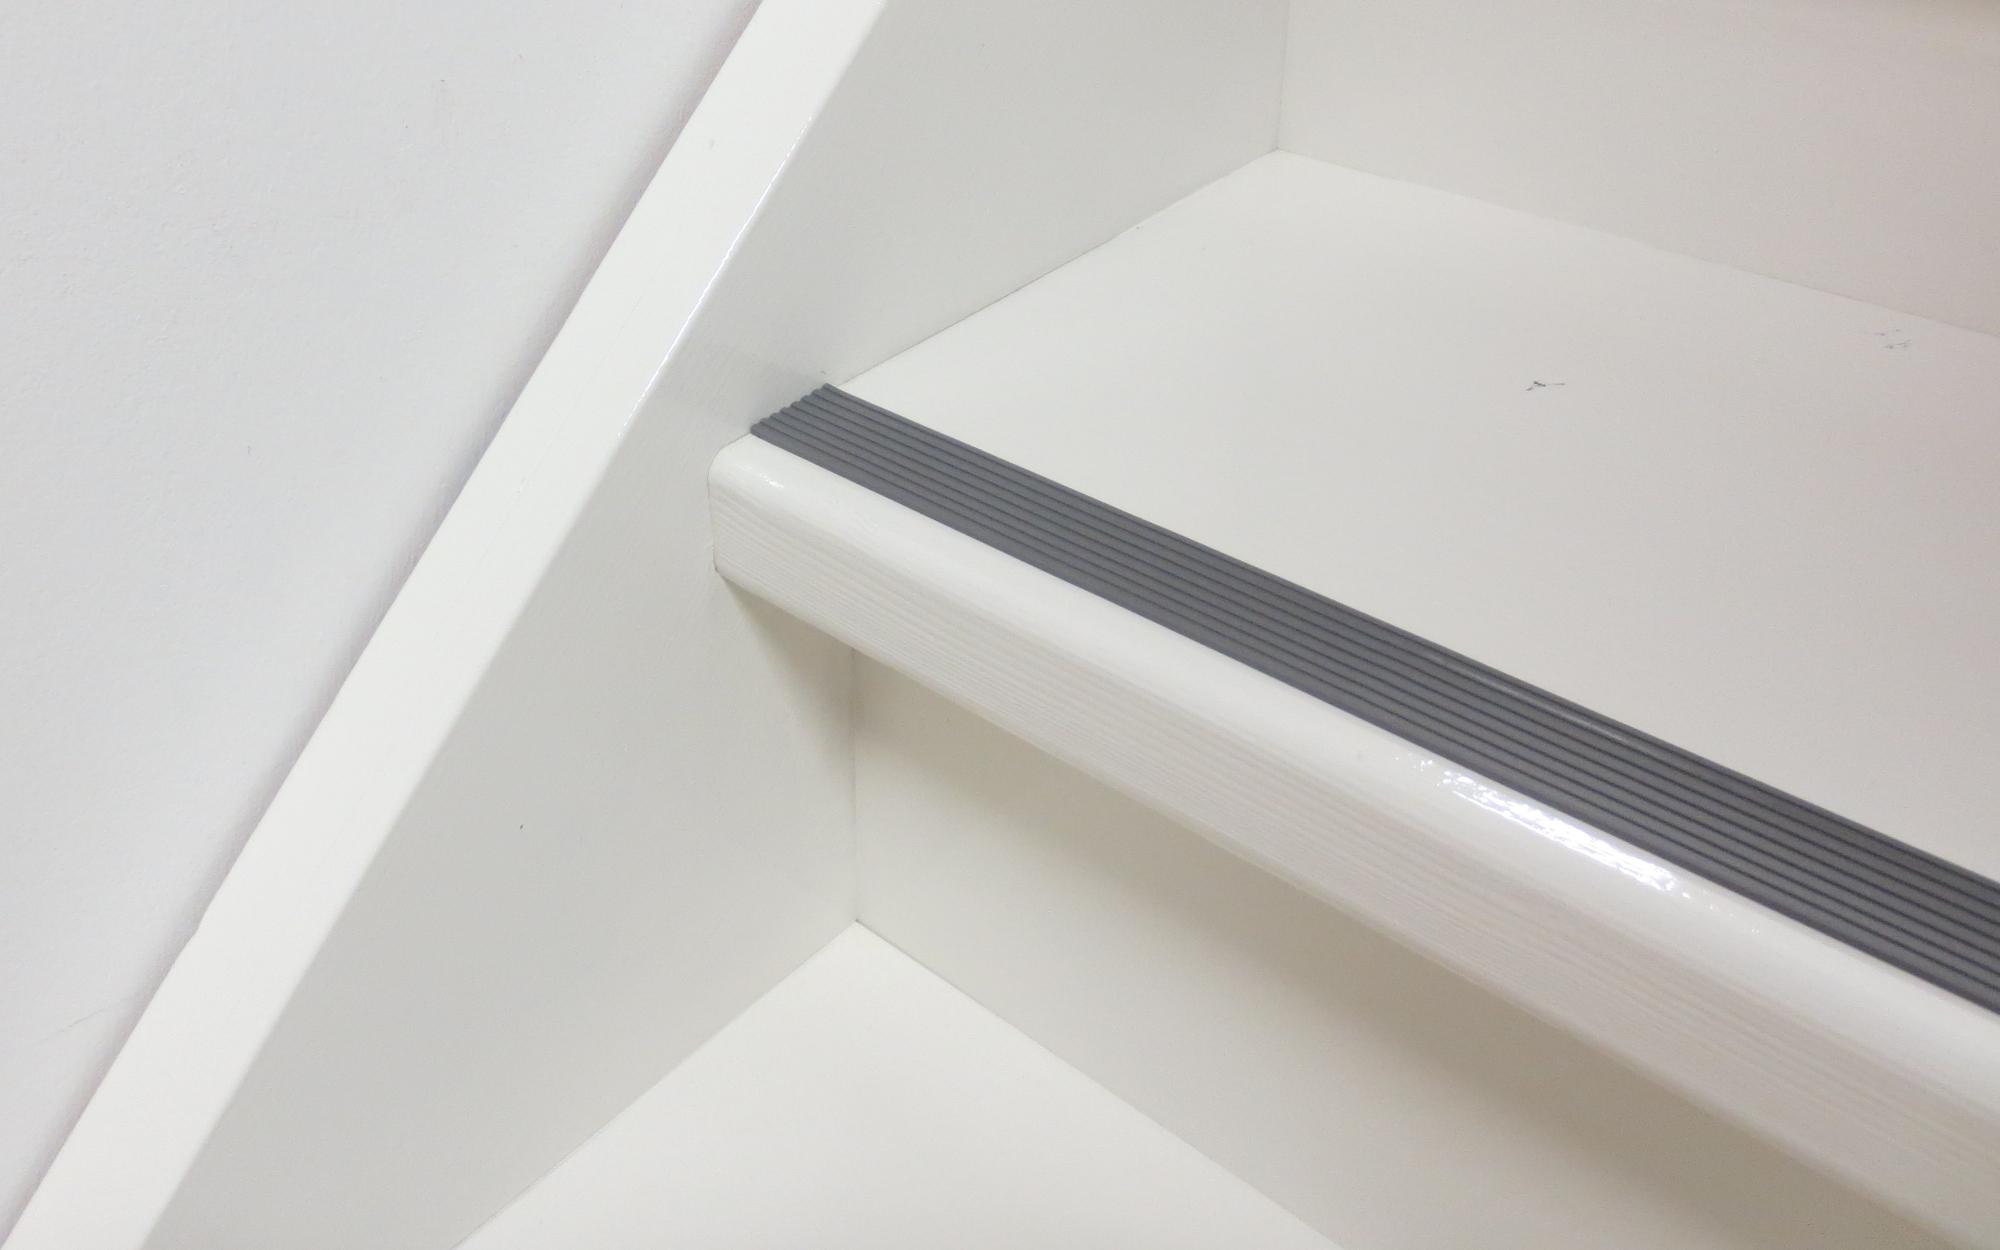 Antislip rubber tape speciaal voor trappen veiligheid kijk op interieur - Wand trap ...